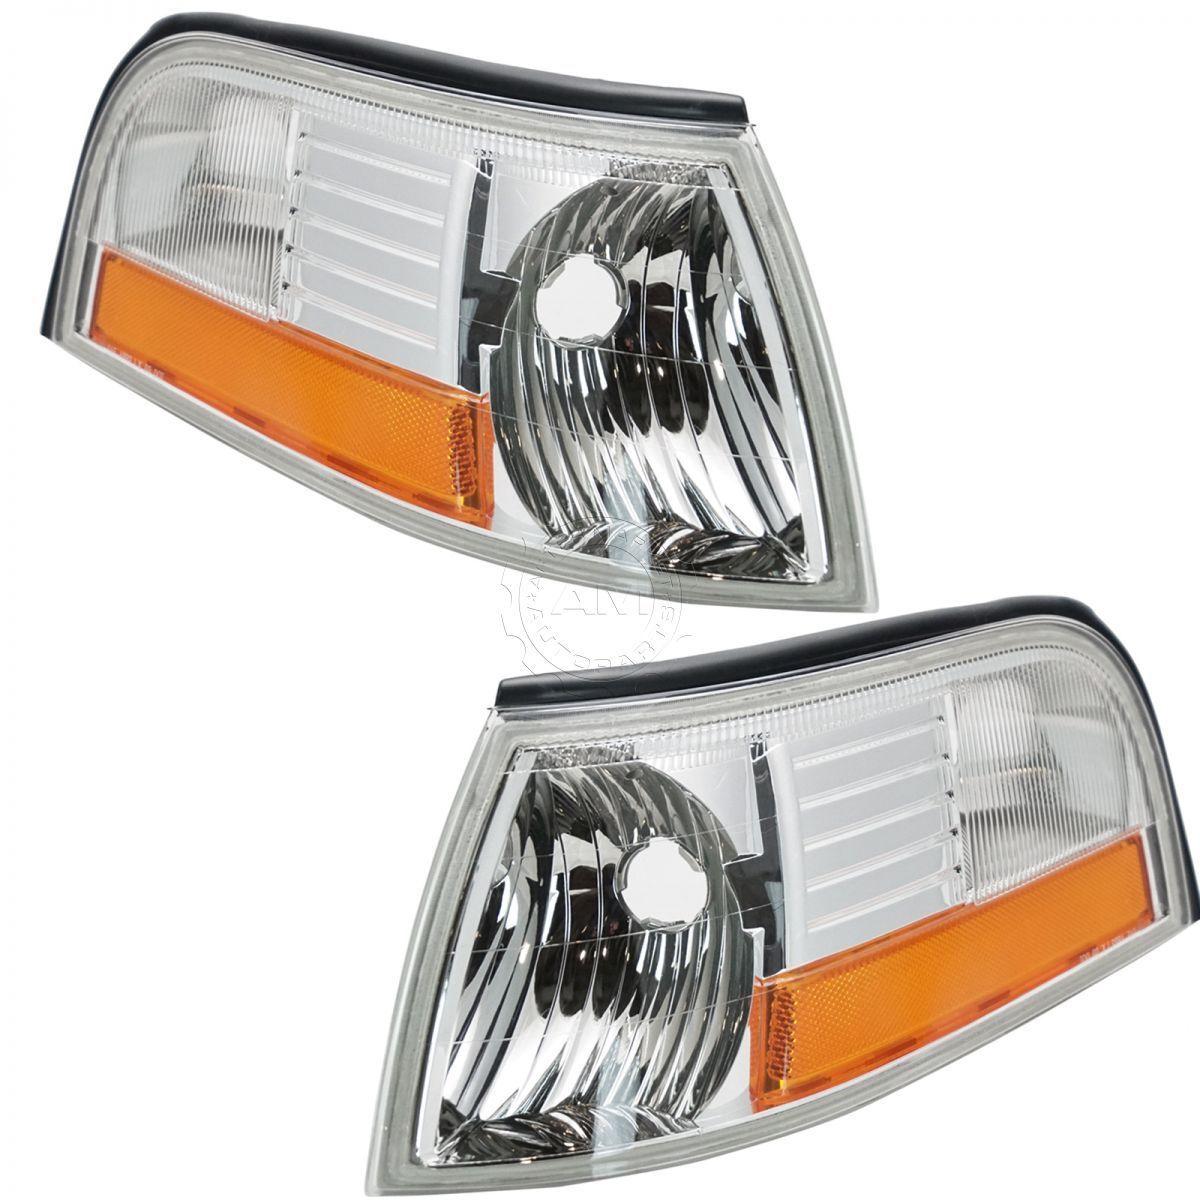 コーナーライト Corner Side Marker Parking Signal Light Lamp Pair Set for 03-05 Mercury Marquis コーナーサイドマーカーパーキング信号ライトランプペアは03-05に設定マーキュリーマーキス